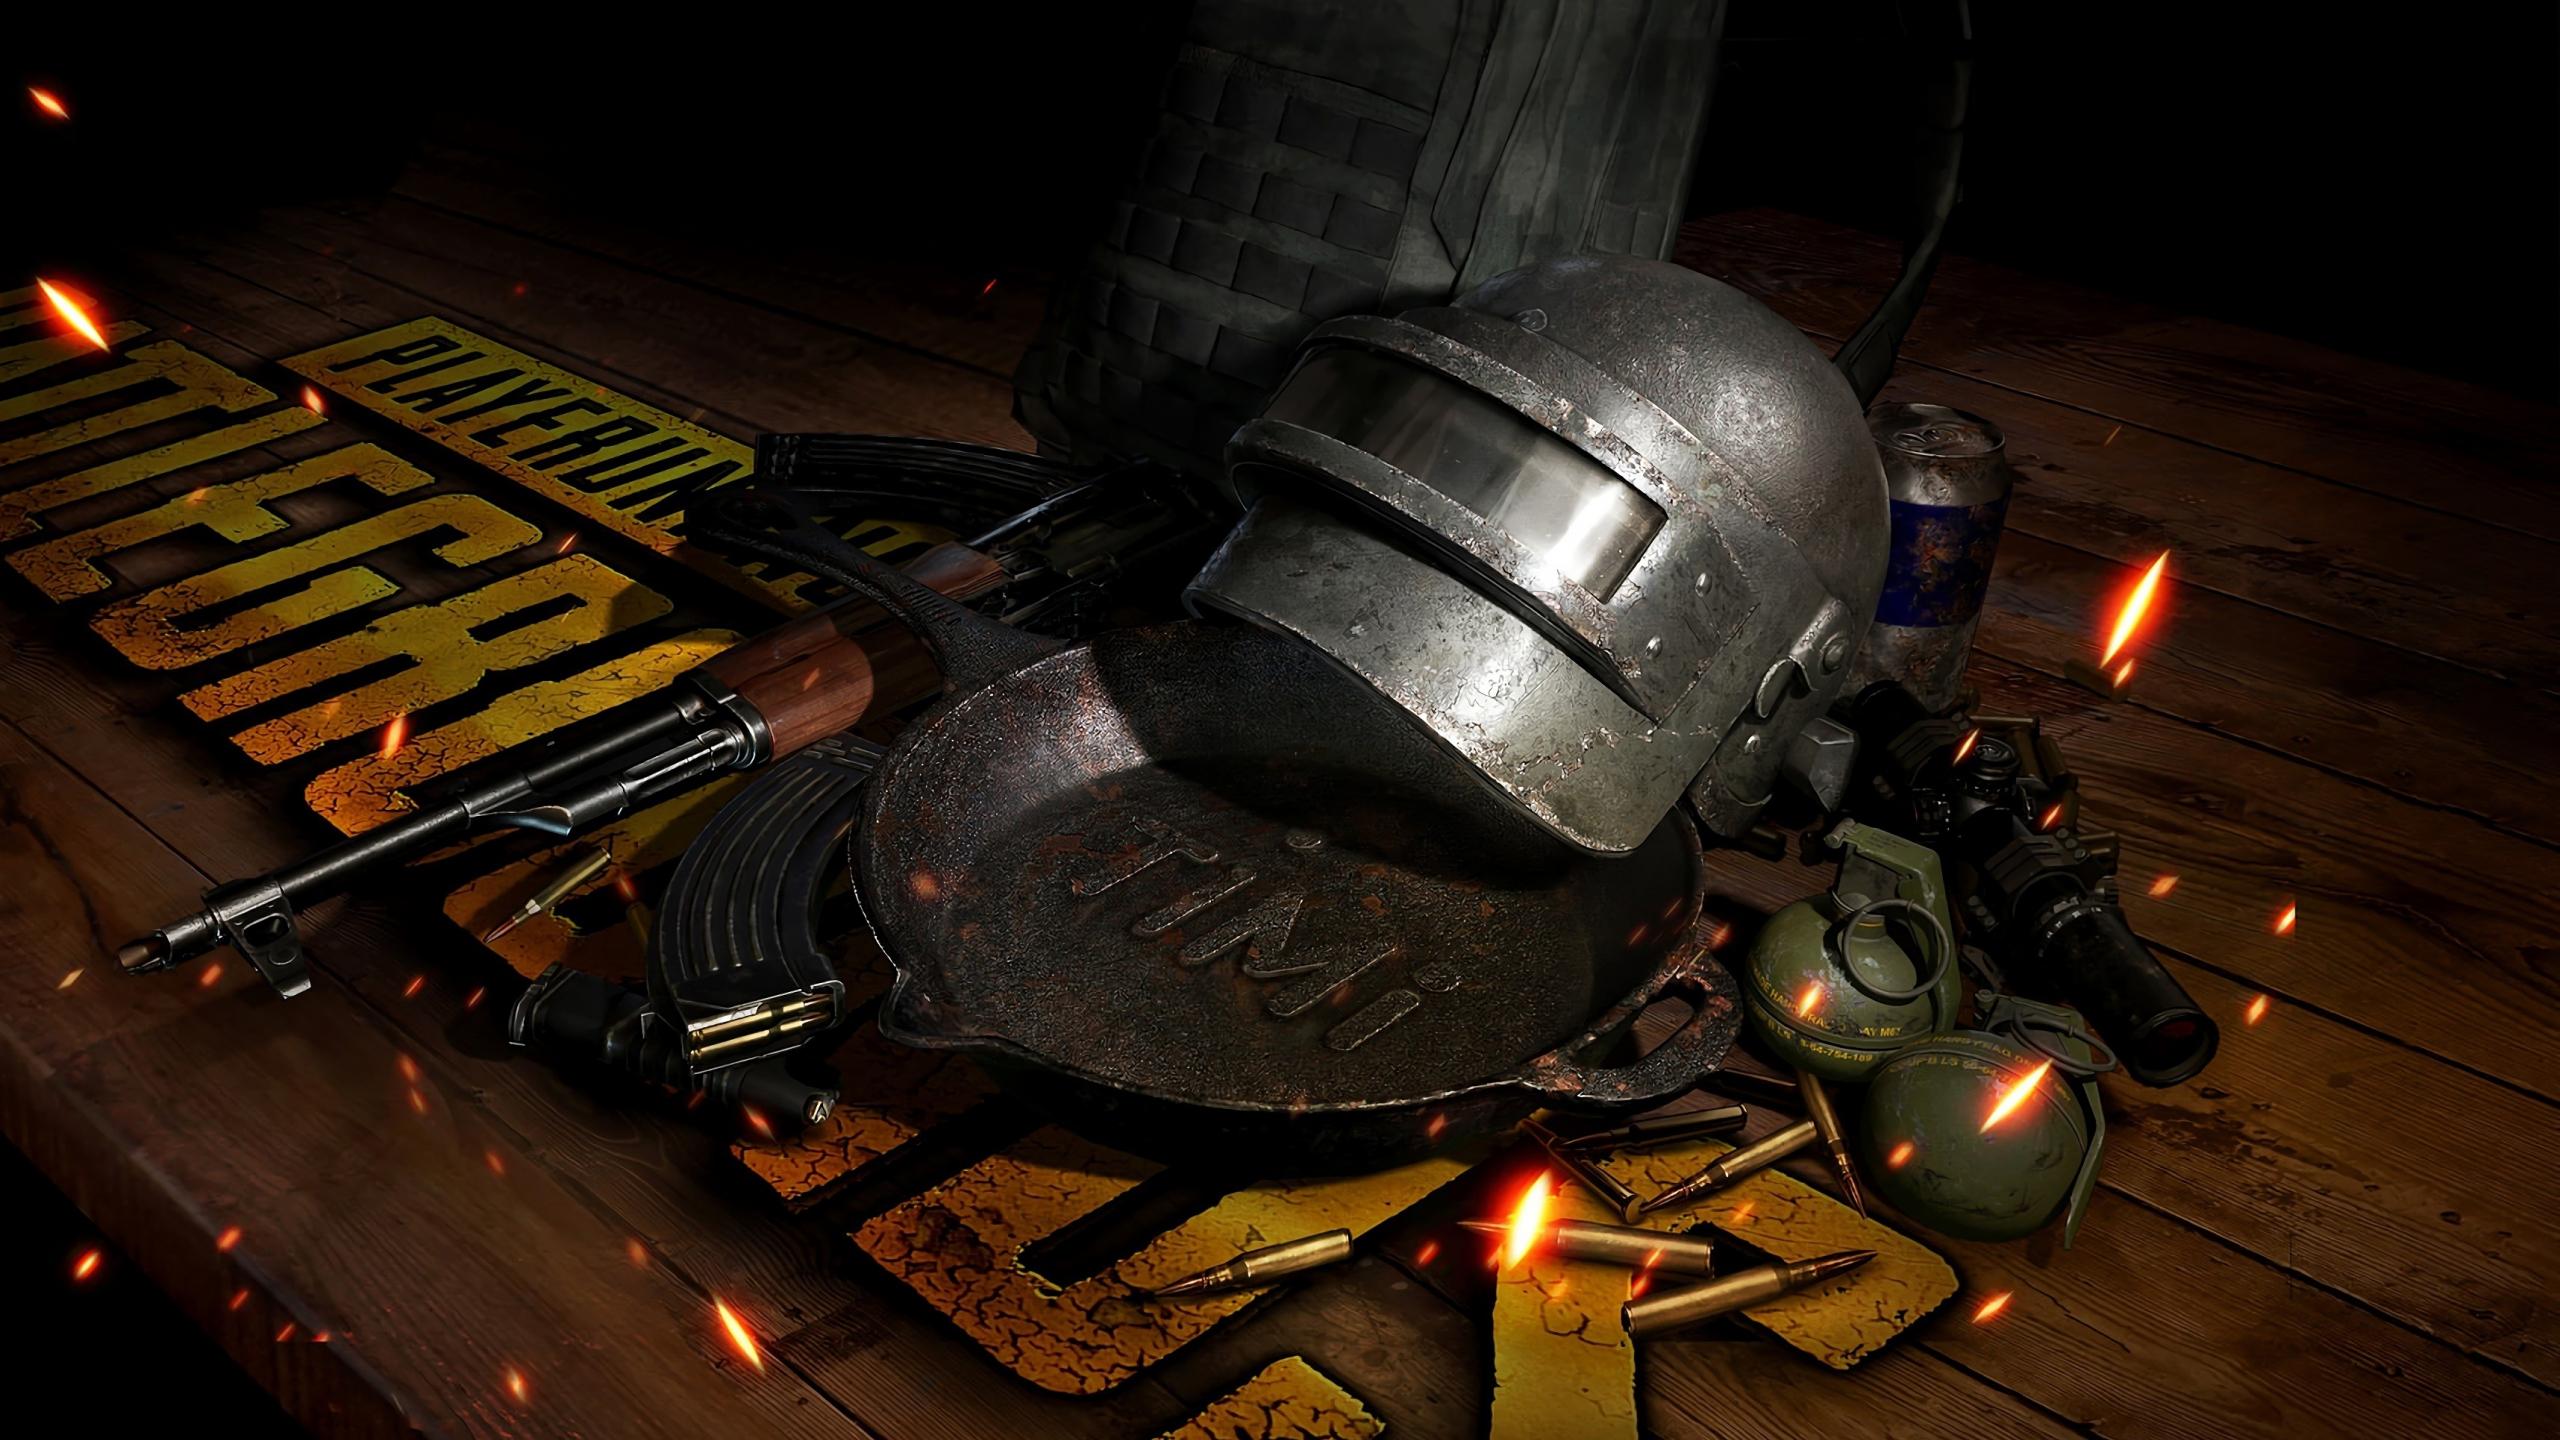 Download 2560x1440 Wallpaper Pubg Weapons Helmet Video